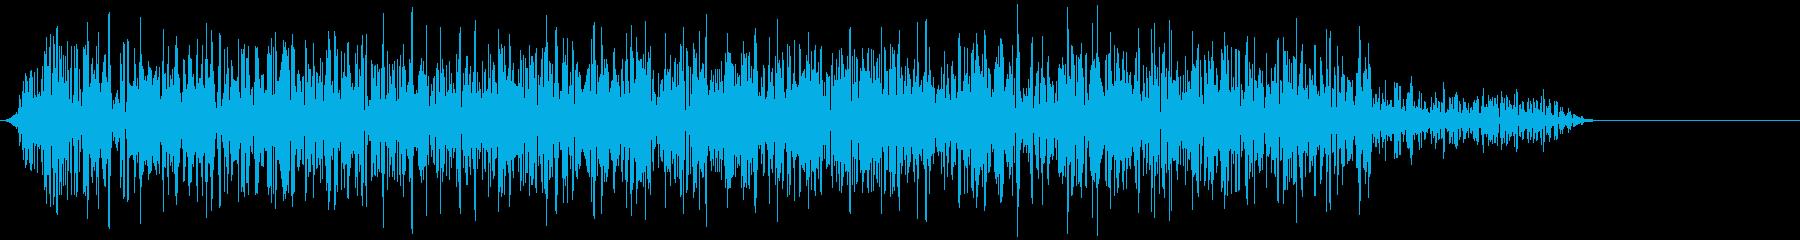 モンスター 威嚇 05の再生済みの波形